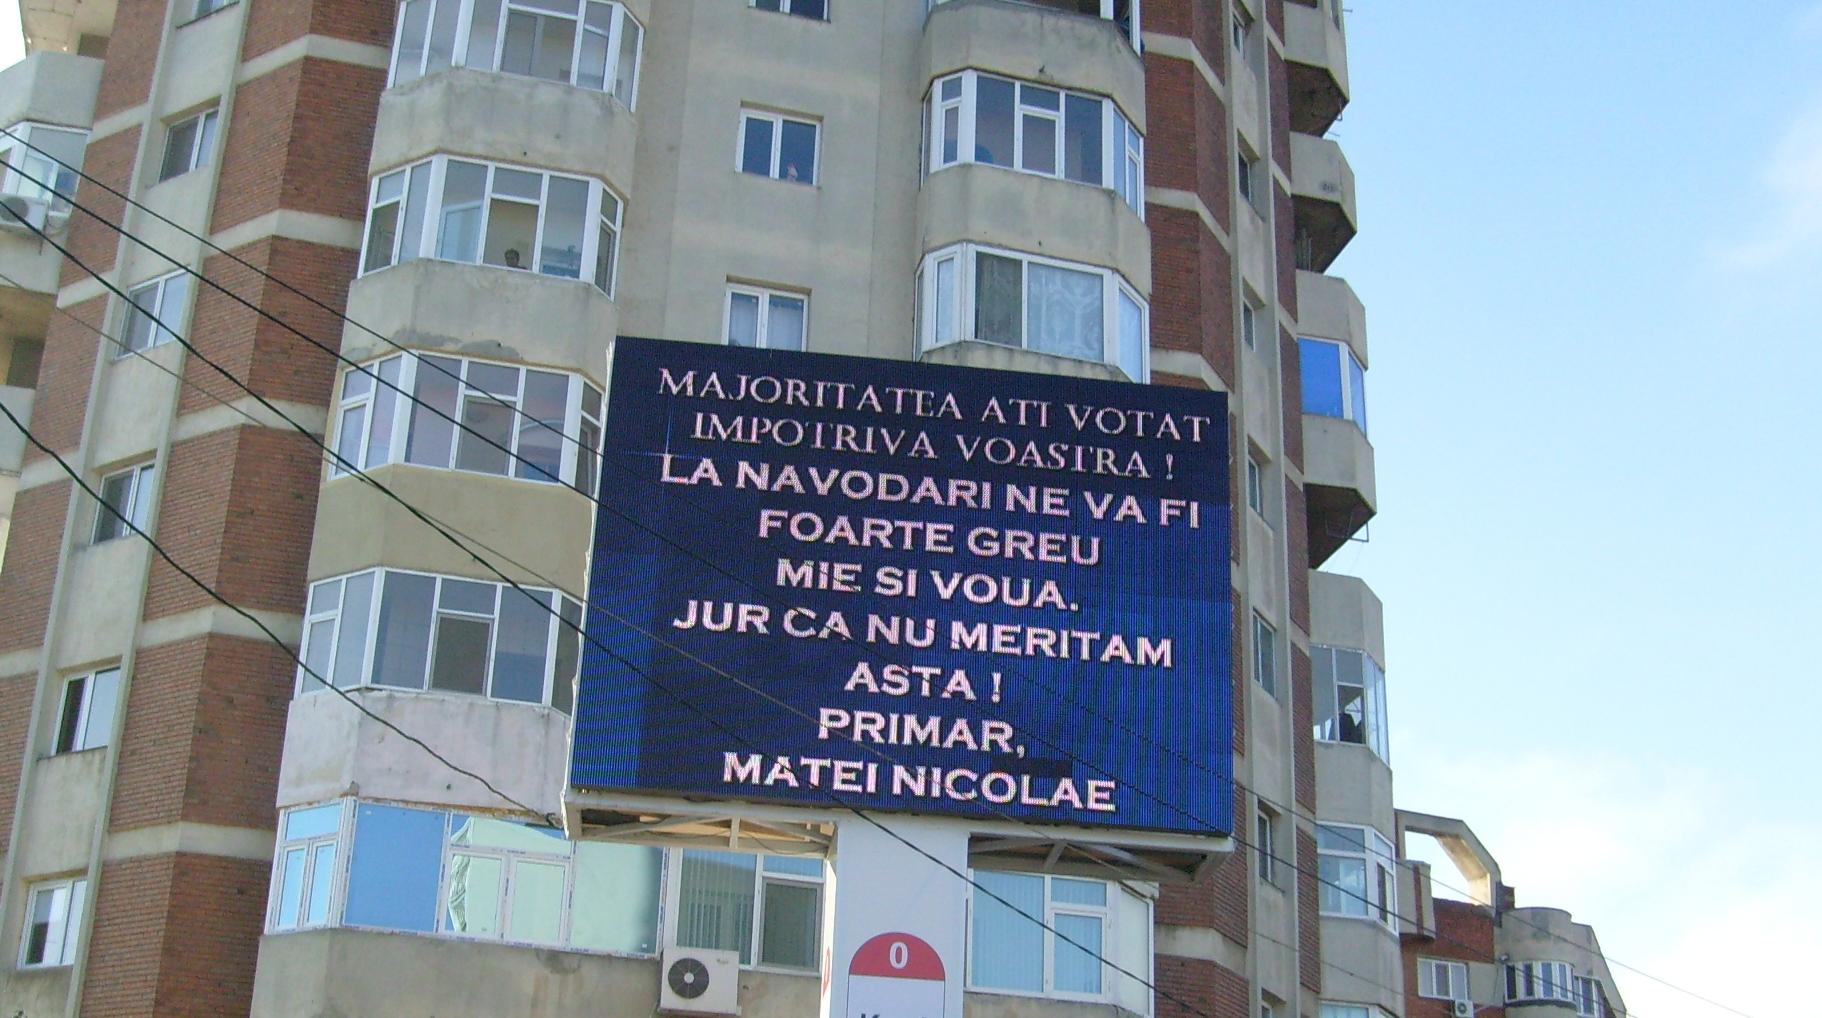 Primarul din Năvodari îi ceartă pe alegători